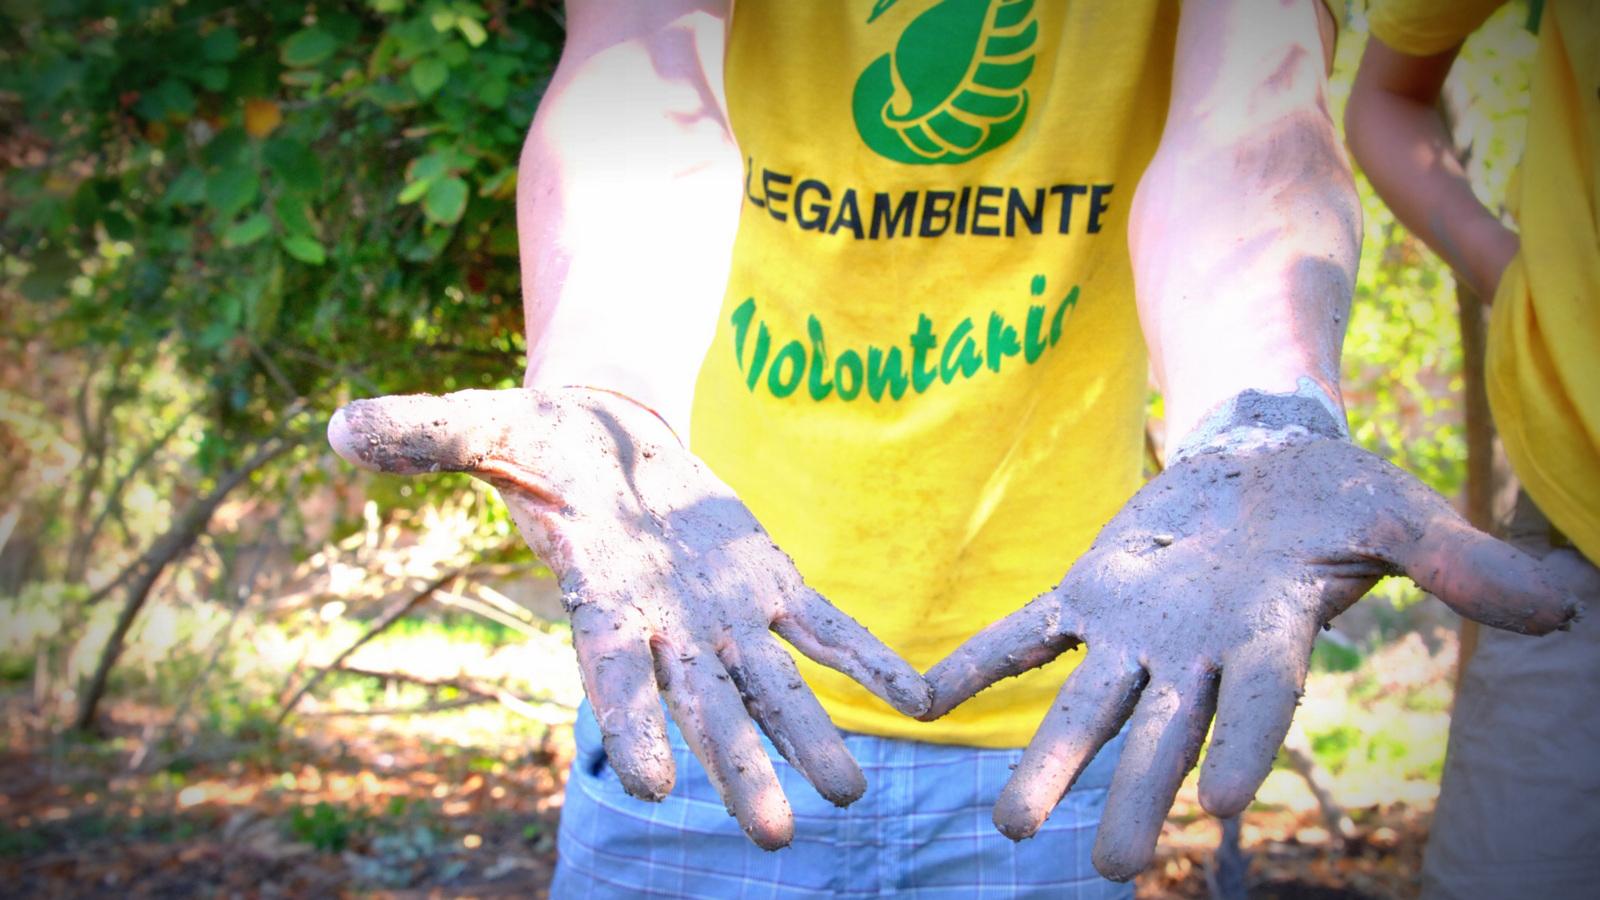 volontariato-legambiente_ev.jpg